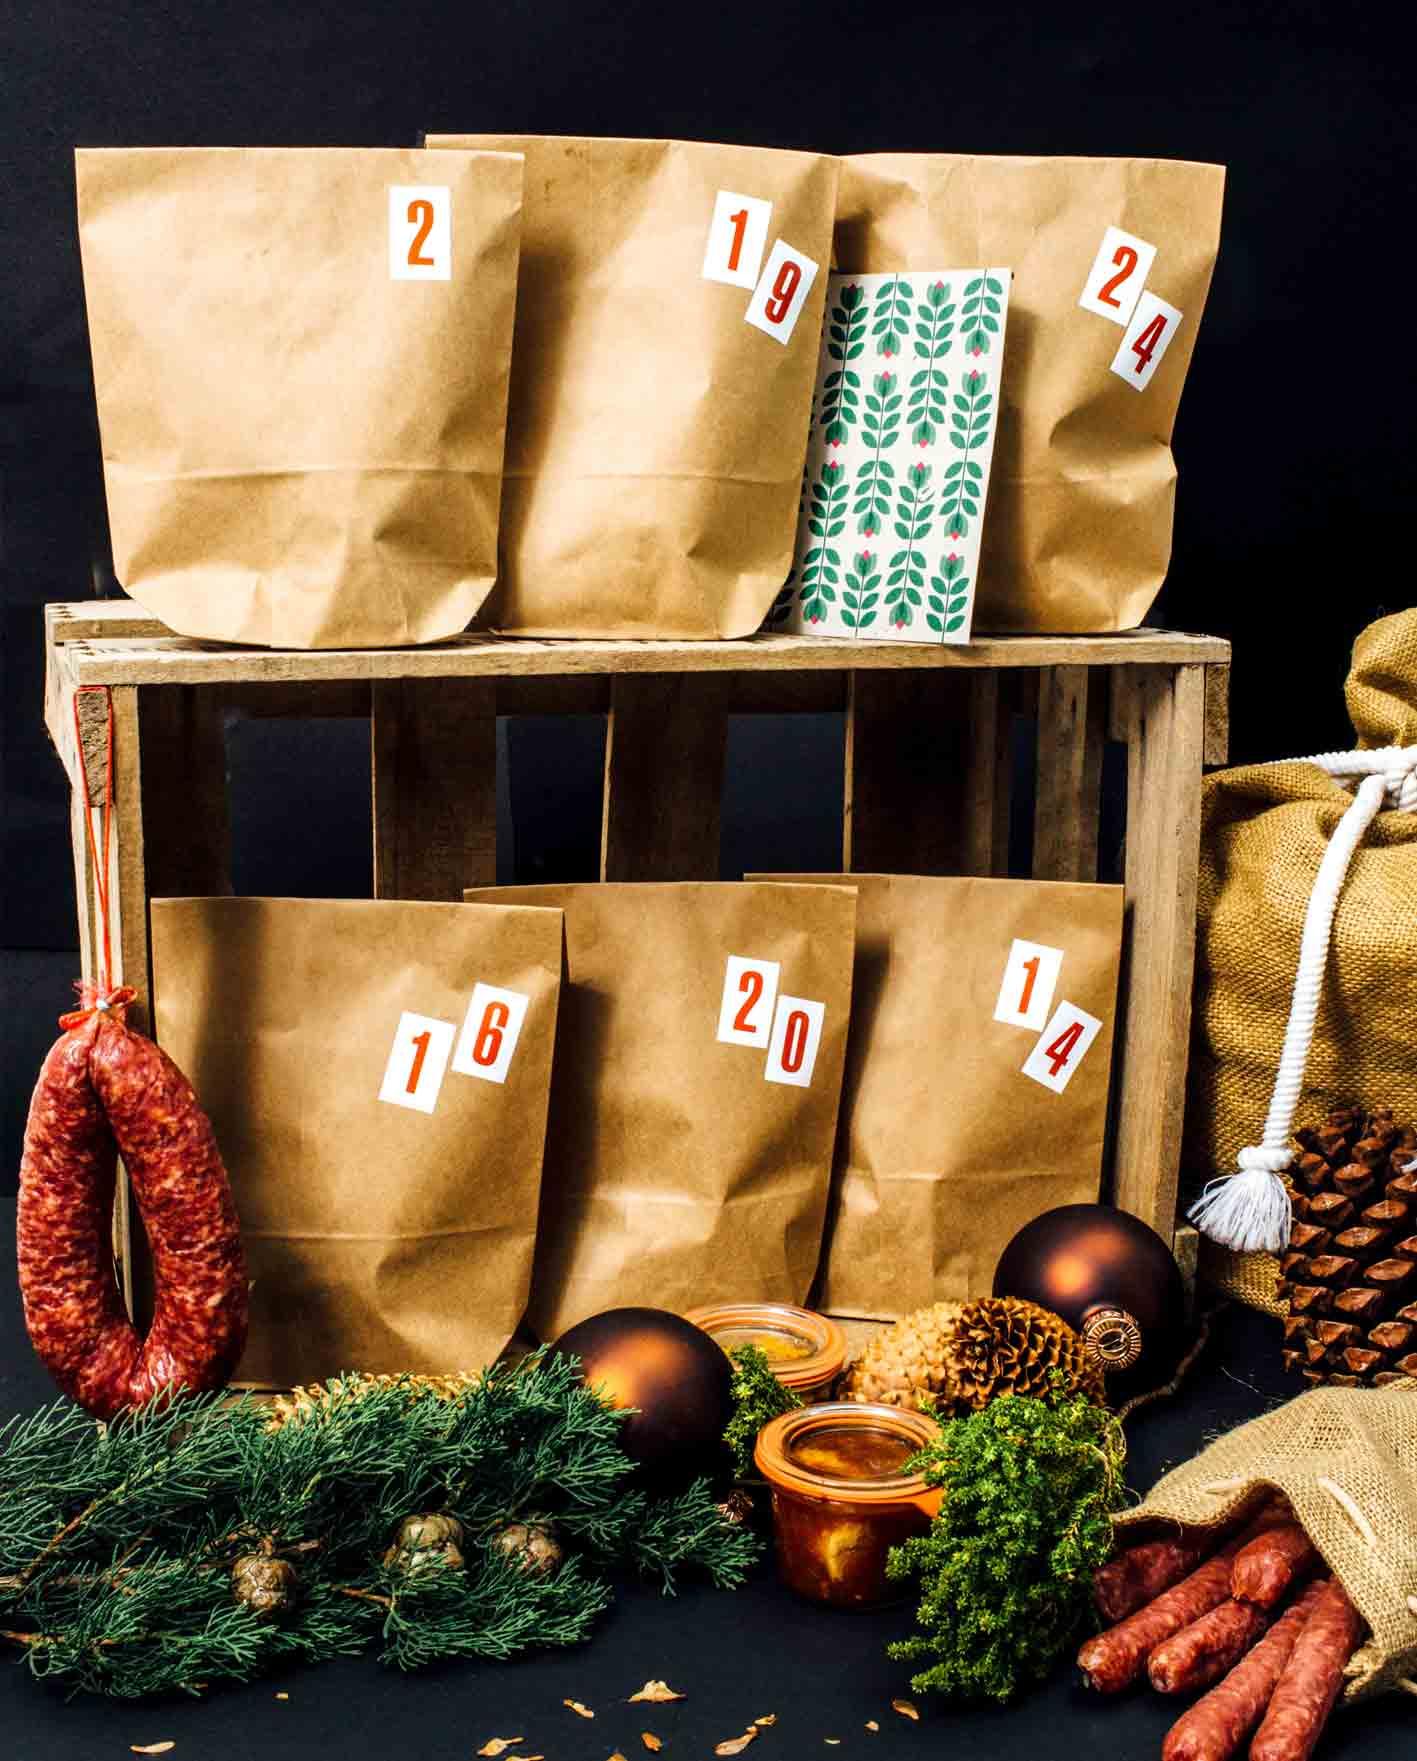 Wurst-Adventskalender gefüllt mit 24 Beuteln Wurst Schinken und anderen herzhaften Leckereien